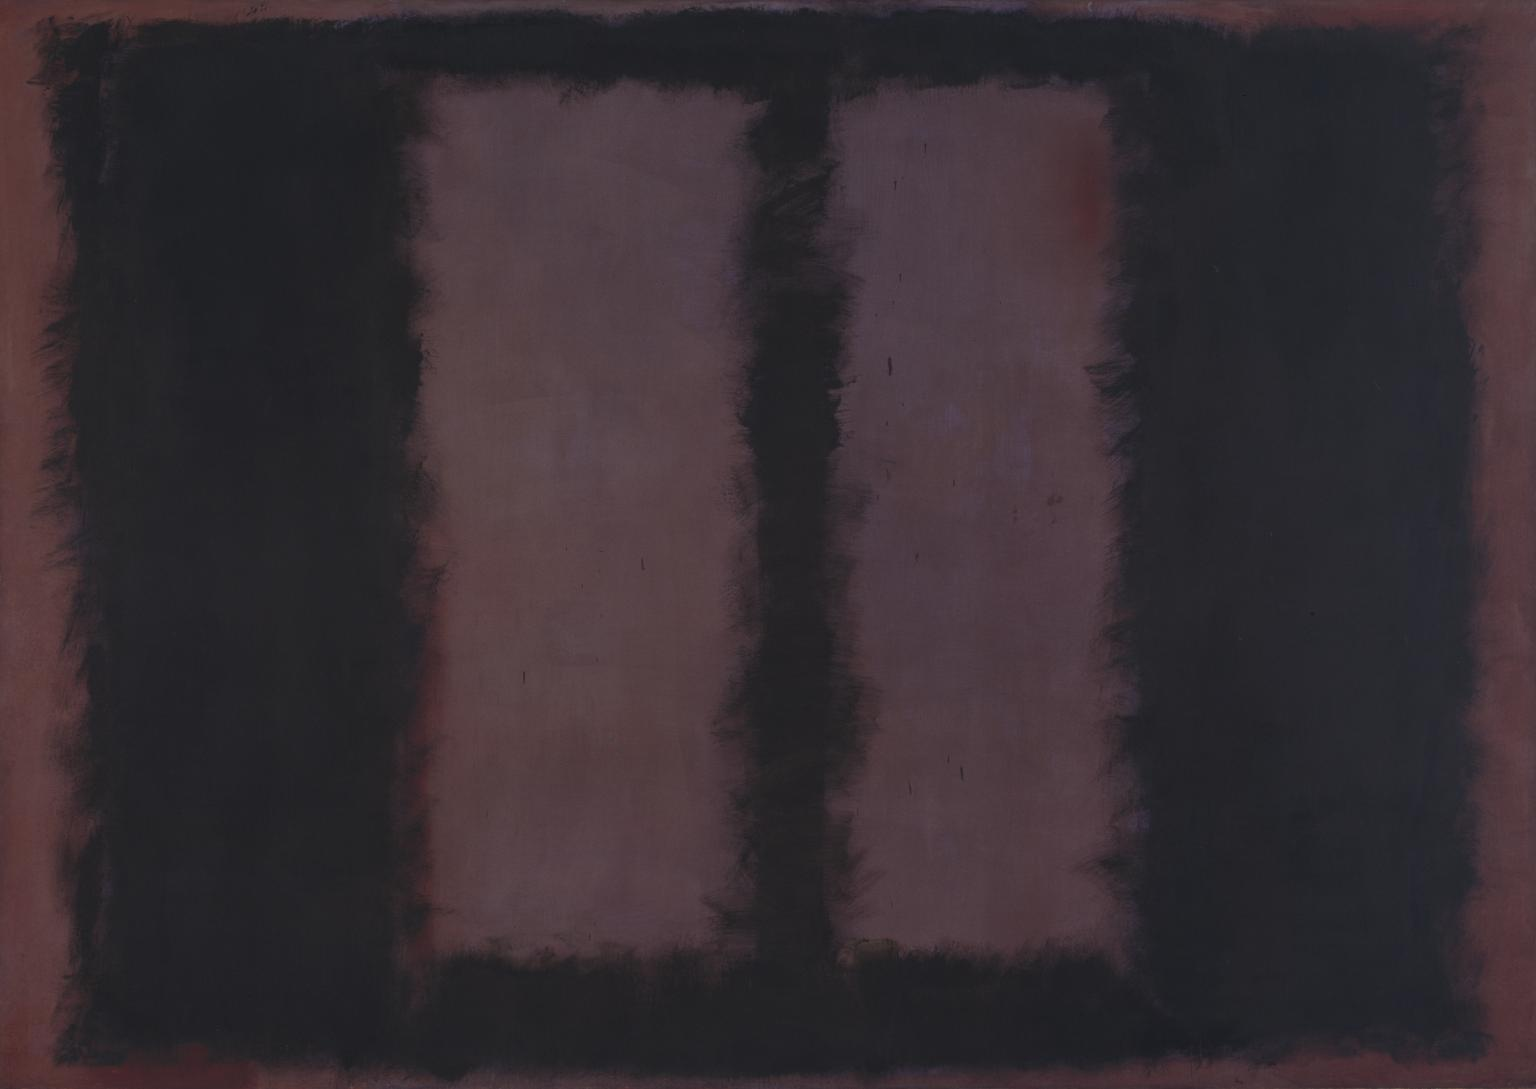 Negro en marrón, 1958